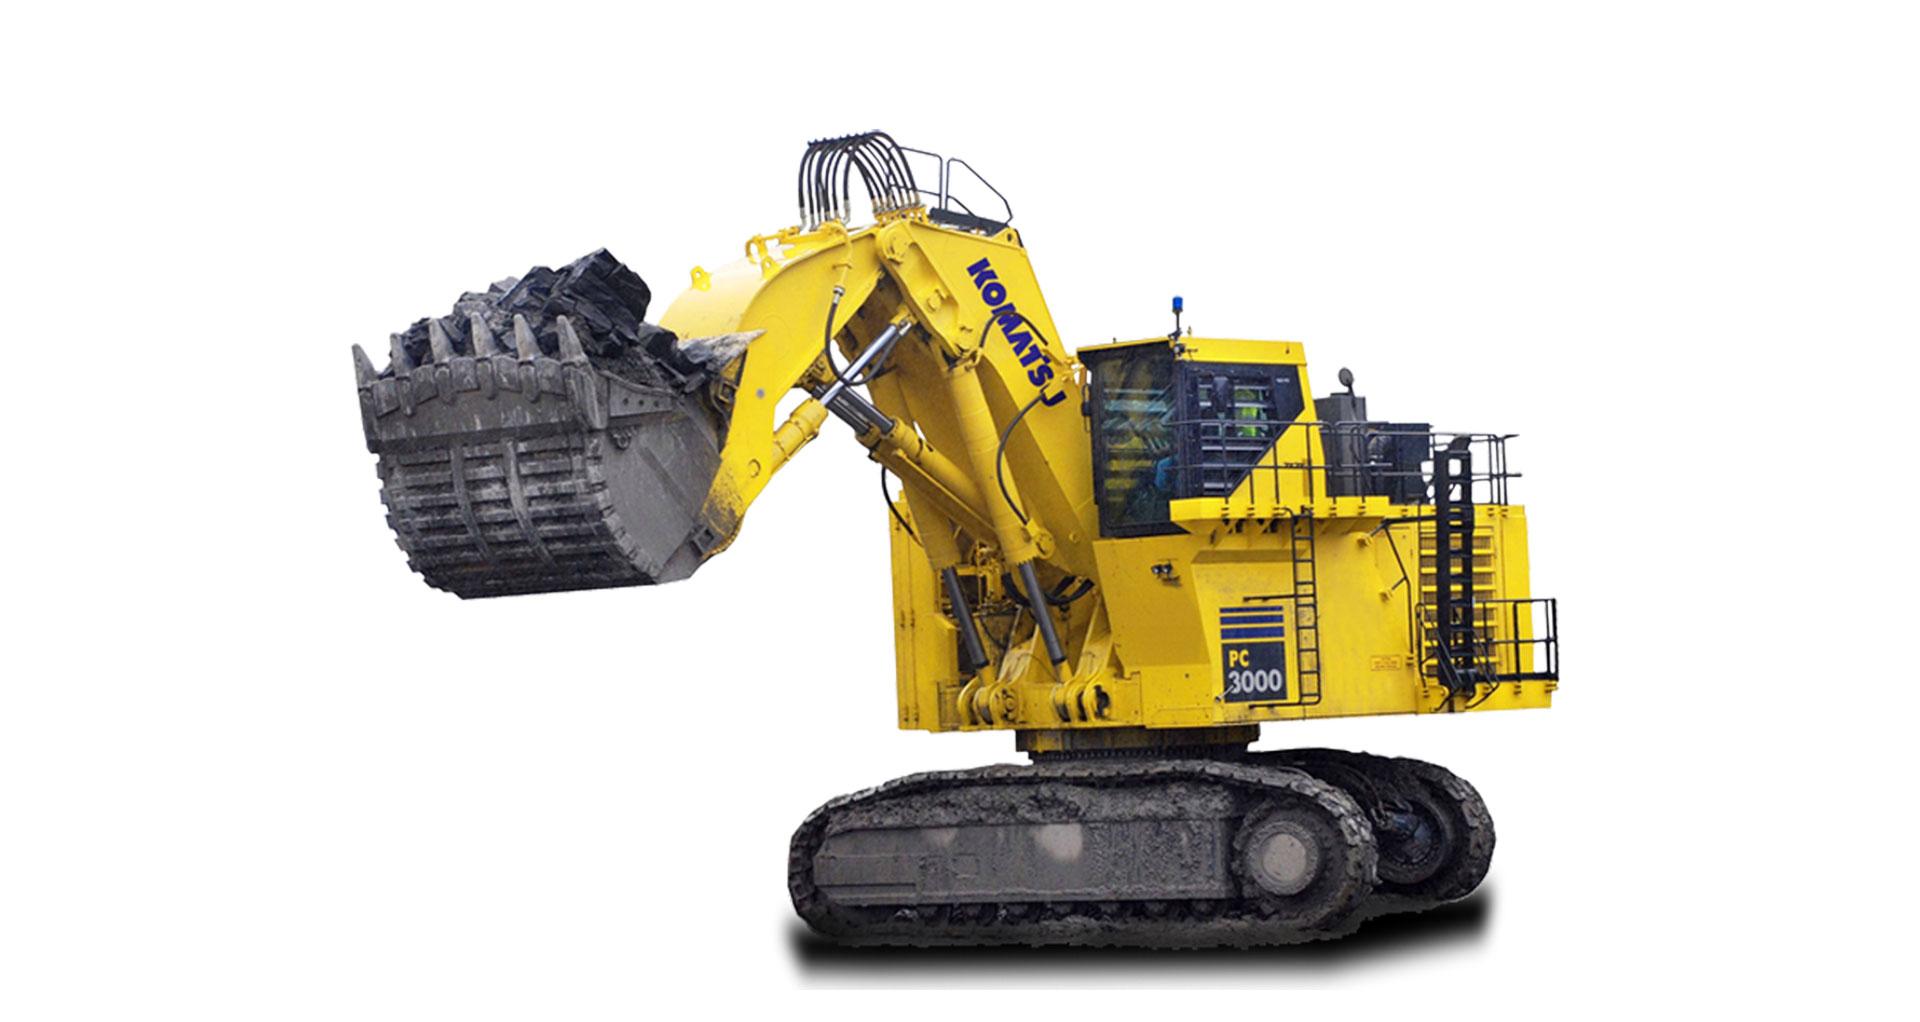 Escavatore idraulico da miniera Komatsu PC3000-6